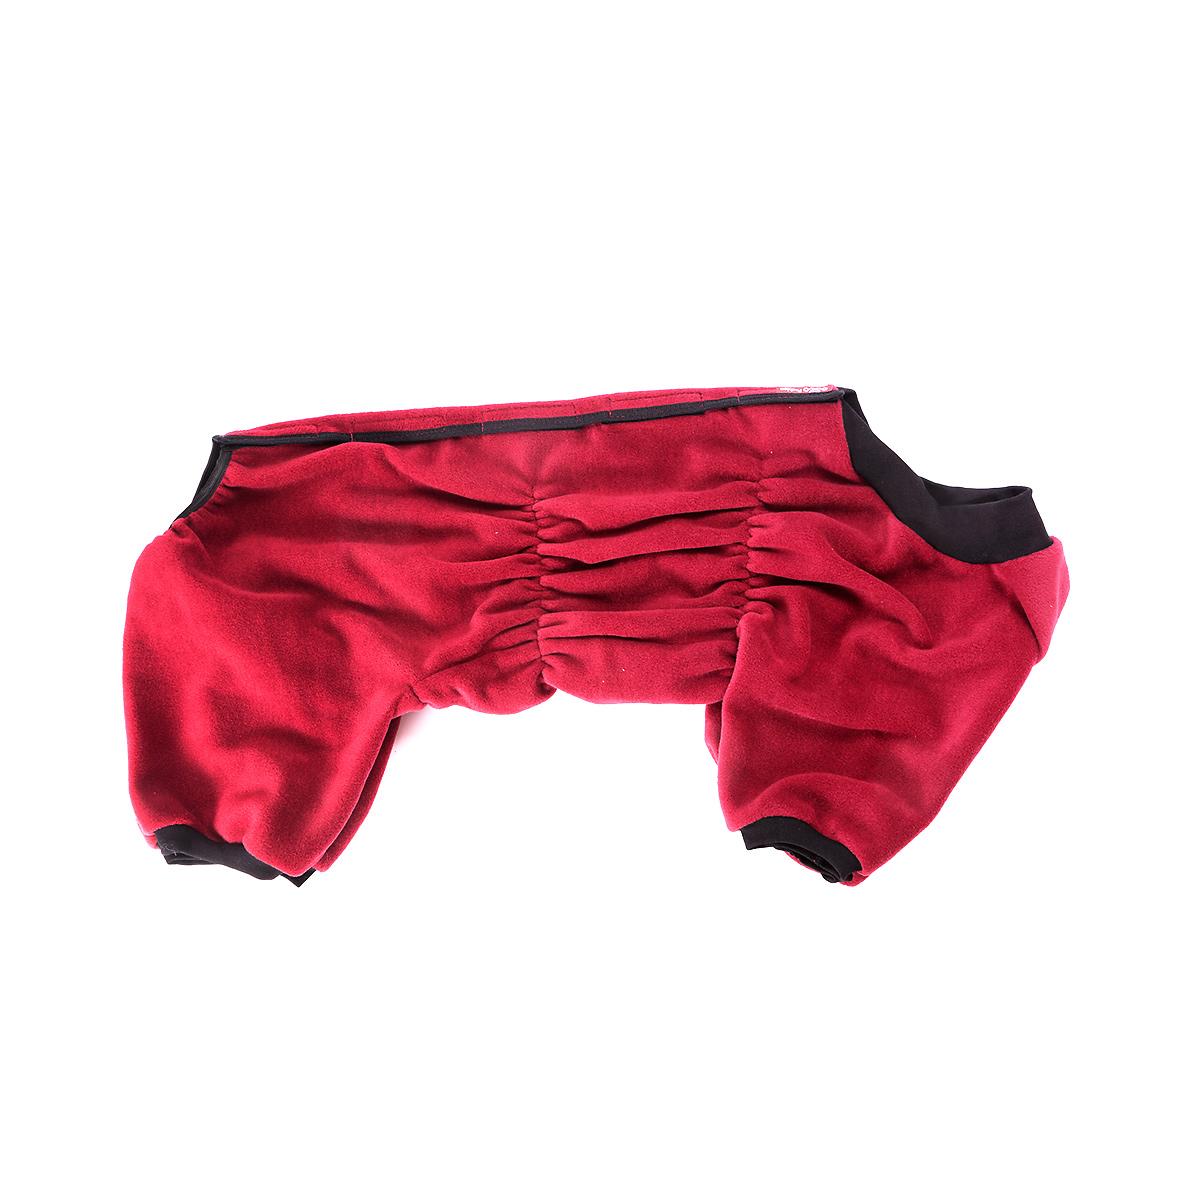 Комбинезон для собак Osso Fashion, для девочки, цвет: бордовый. Размер 32Кф-1007Теплый, приятный на ощупь, эргономичный флисовый комбинезон на липучках. Комфортная посадка по корпусу достигается за счет резинок-утяжек под грудью и животом. На воротнике имеются завязки, для дополнительной фиксации Можно носить самостоятельно и как поддевку под комбинезон для собак на грязь. Отлично стирается, быстро сохнет.